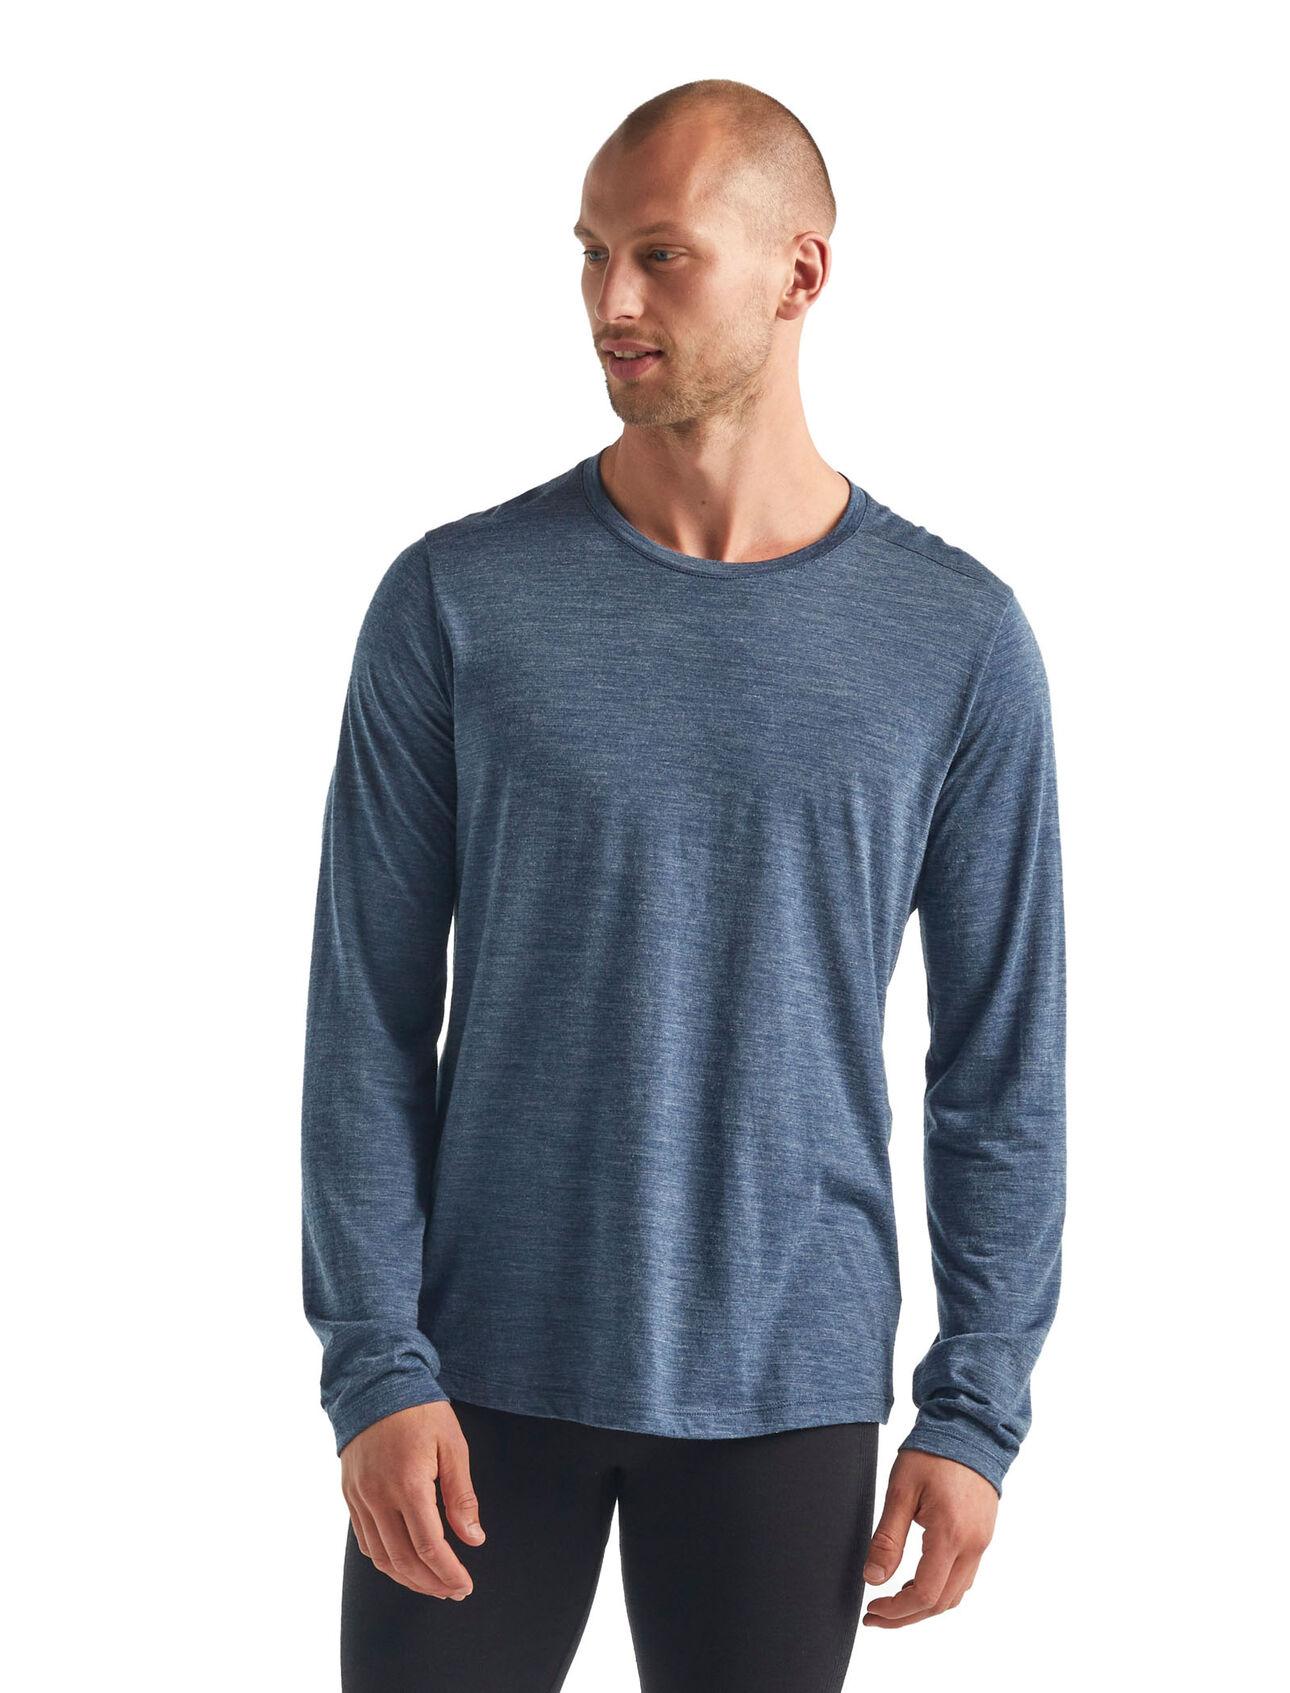 Cool-Lite™ Sphere T-shirt met lange mouwen en ronde hals